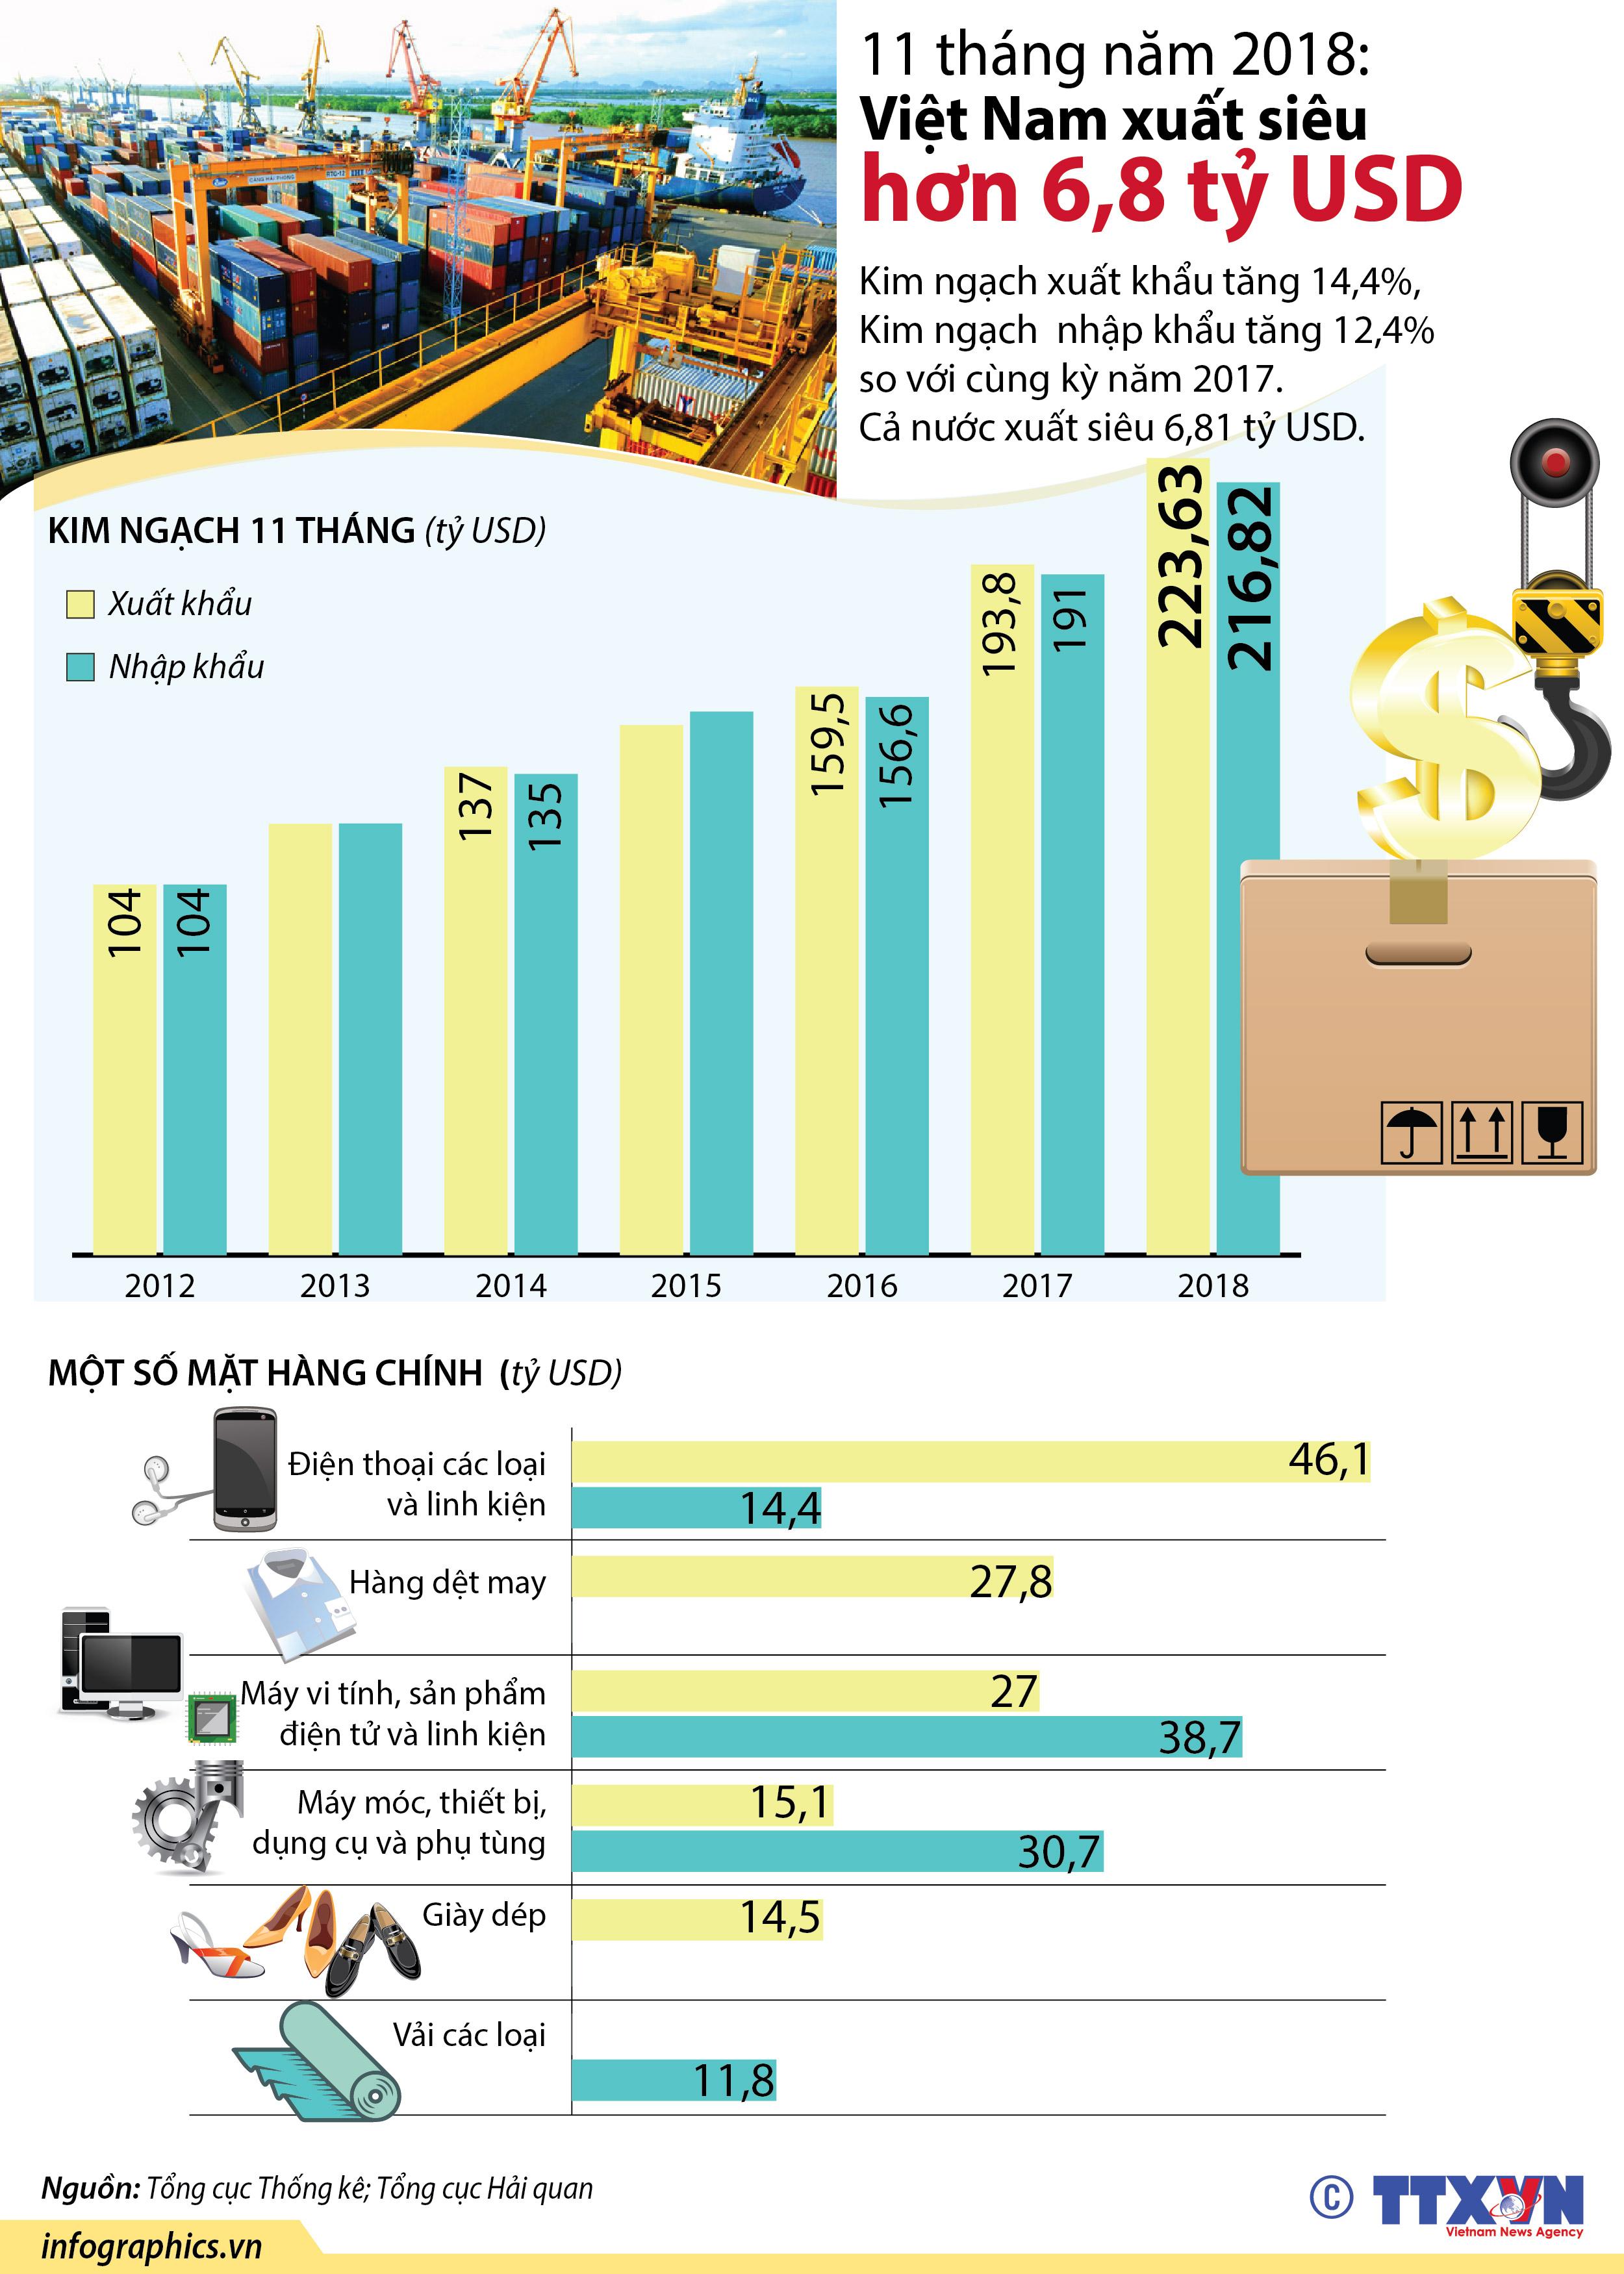 [Infographics] 11 thang nam 2018: Viet Nam xuat sieu hon 6,8